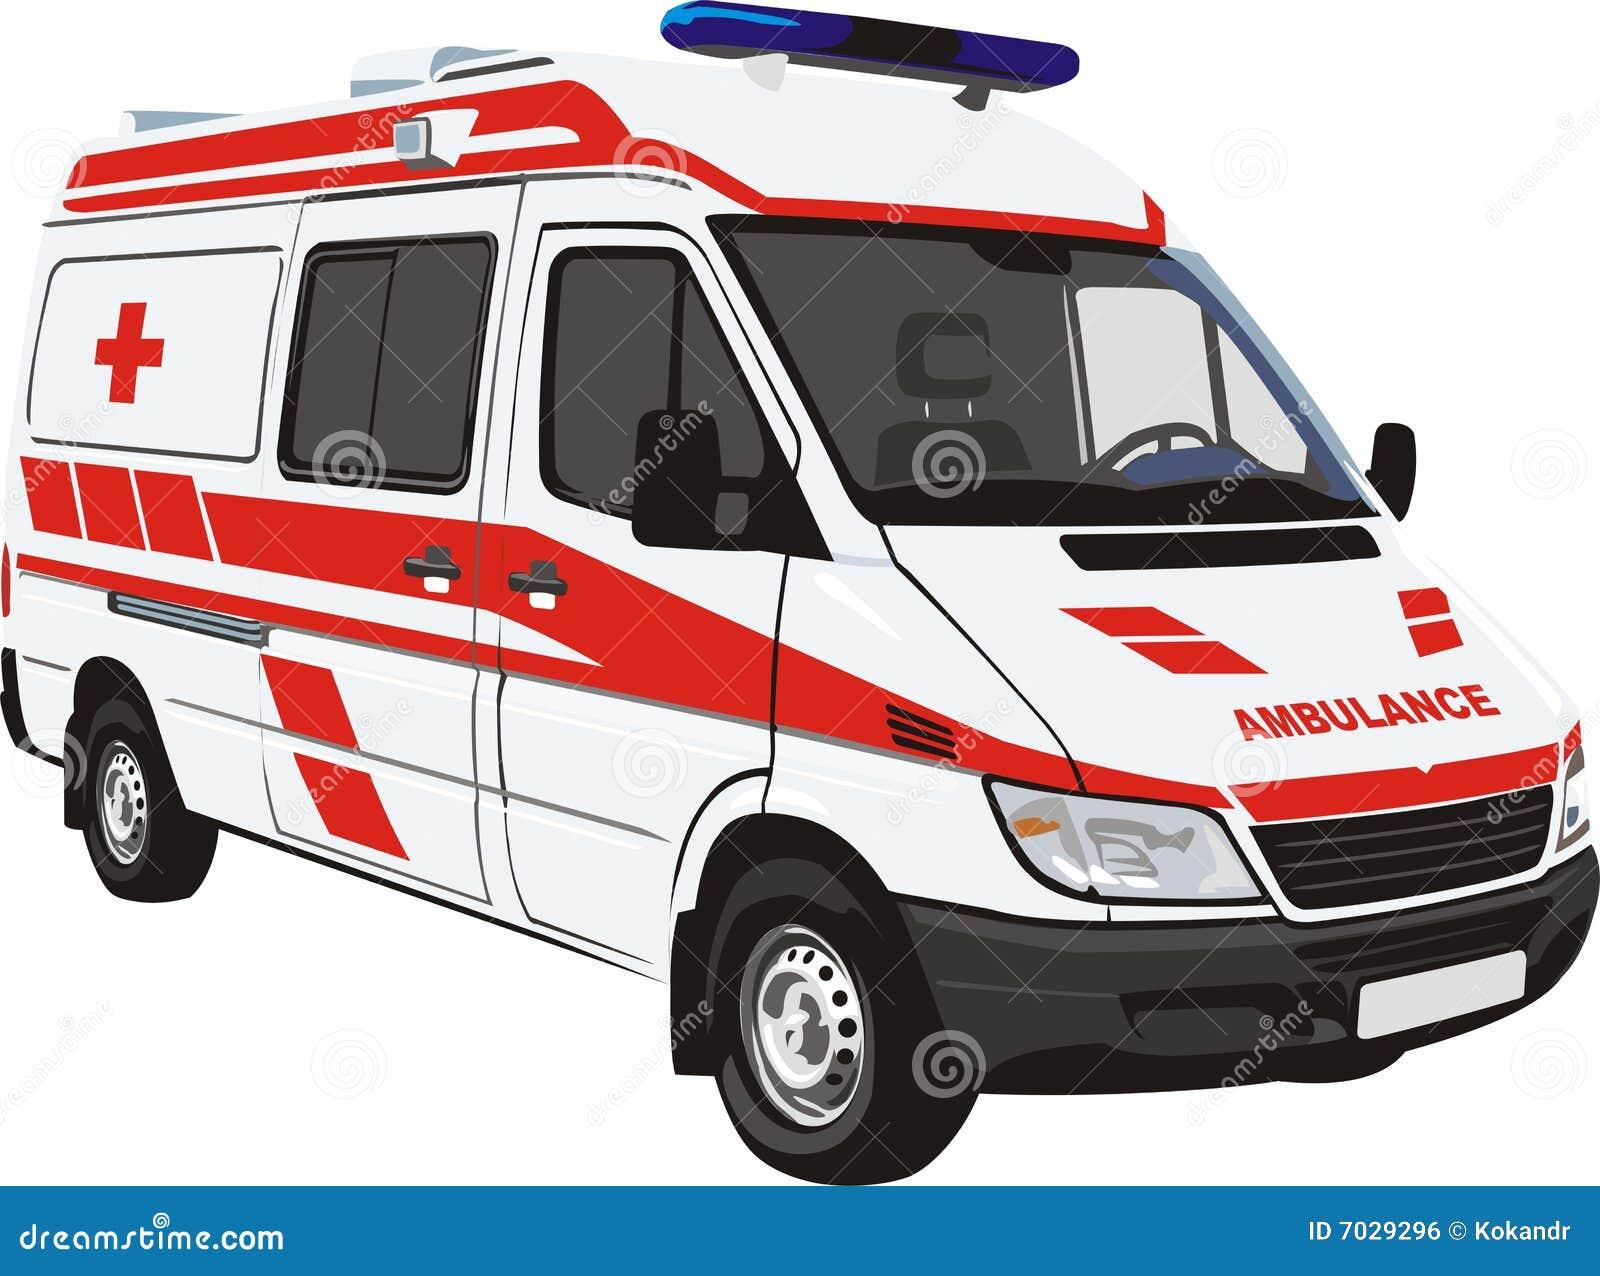 картинка скорой помощи